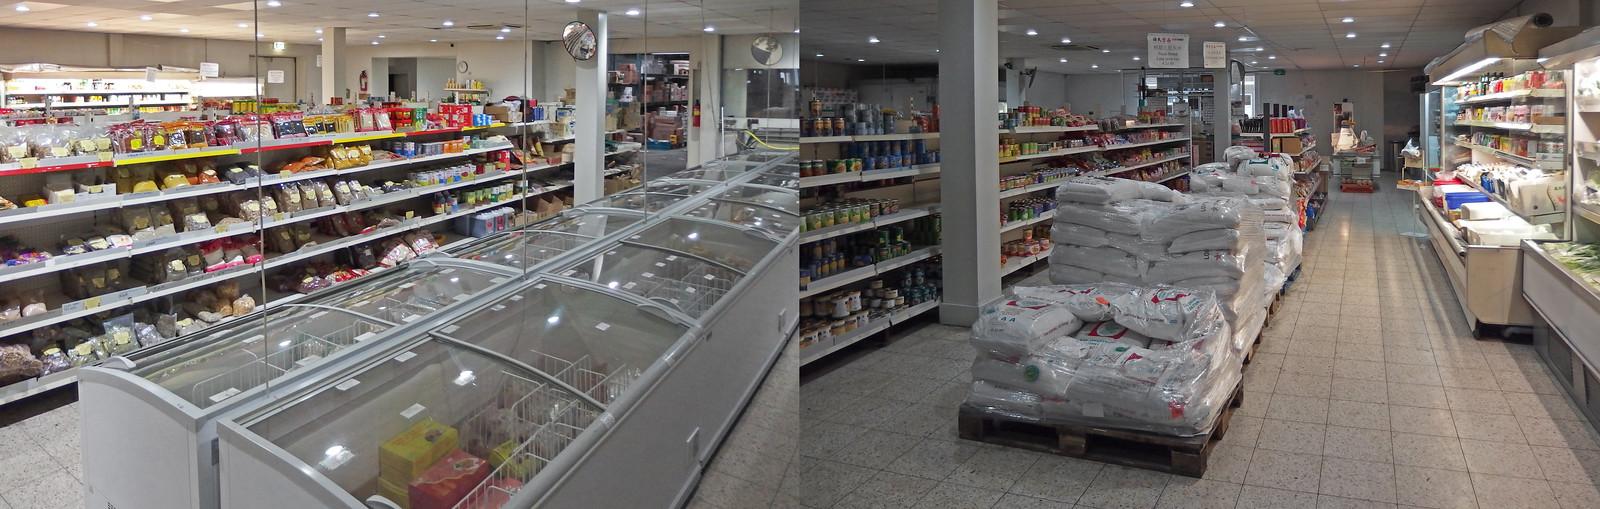 Chinese supermarkt Tam Food in Tilburg   Aziatische ingredi u00ebnten nl